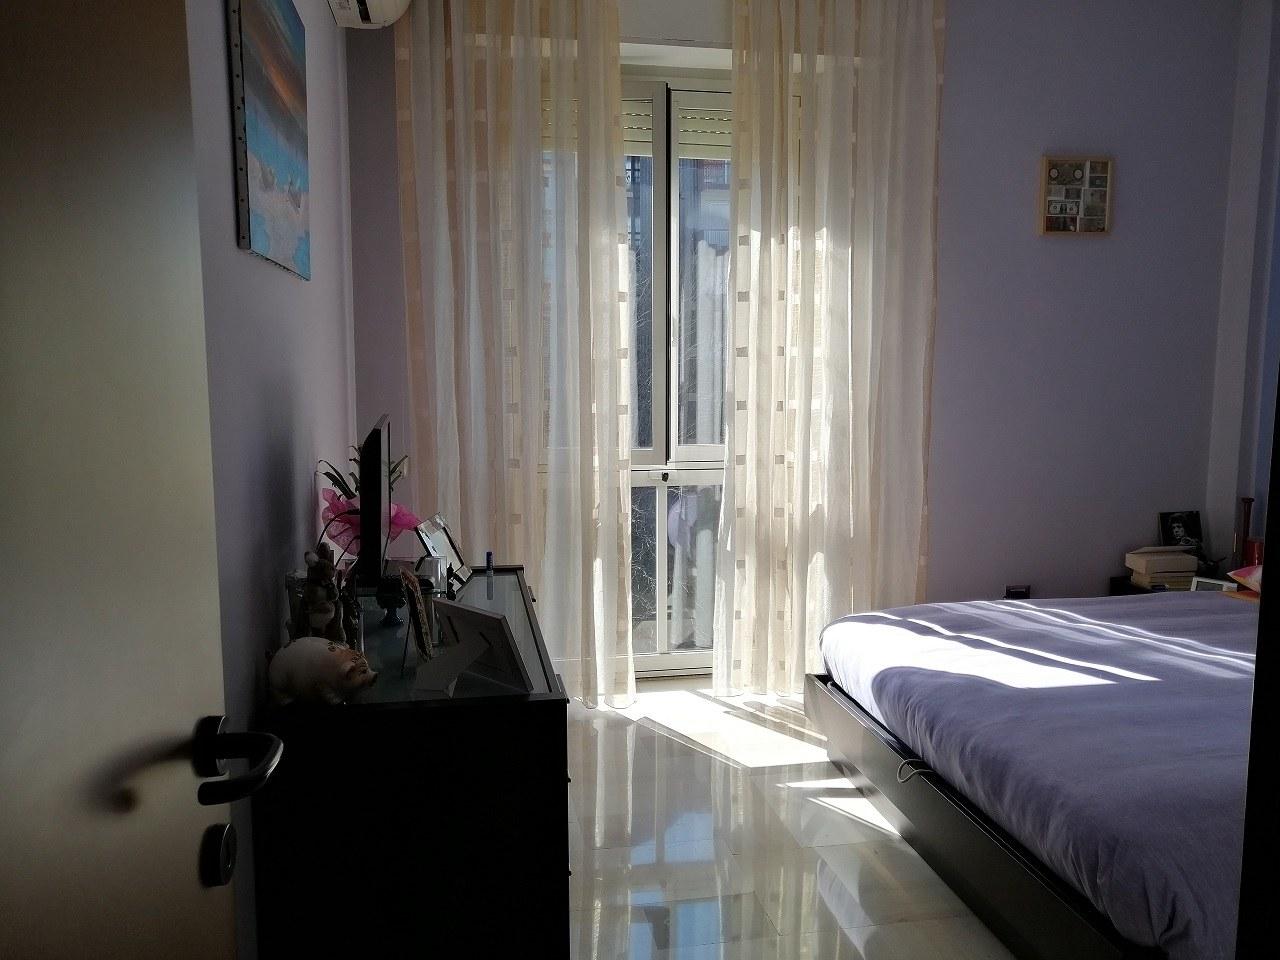 appartamenti-in-vendita-milano-baggio-2-locali-via-valle-antrona-8-spaziourbano-immobiliare-vene-1